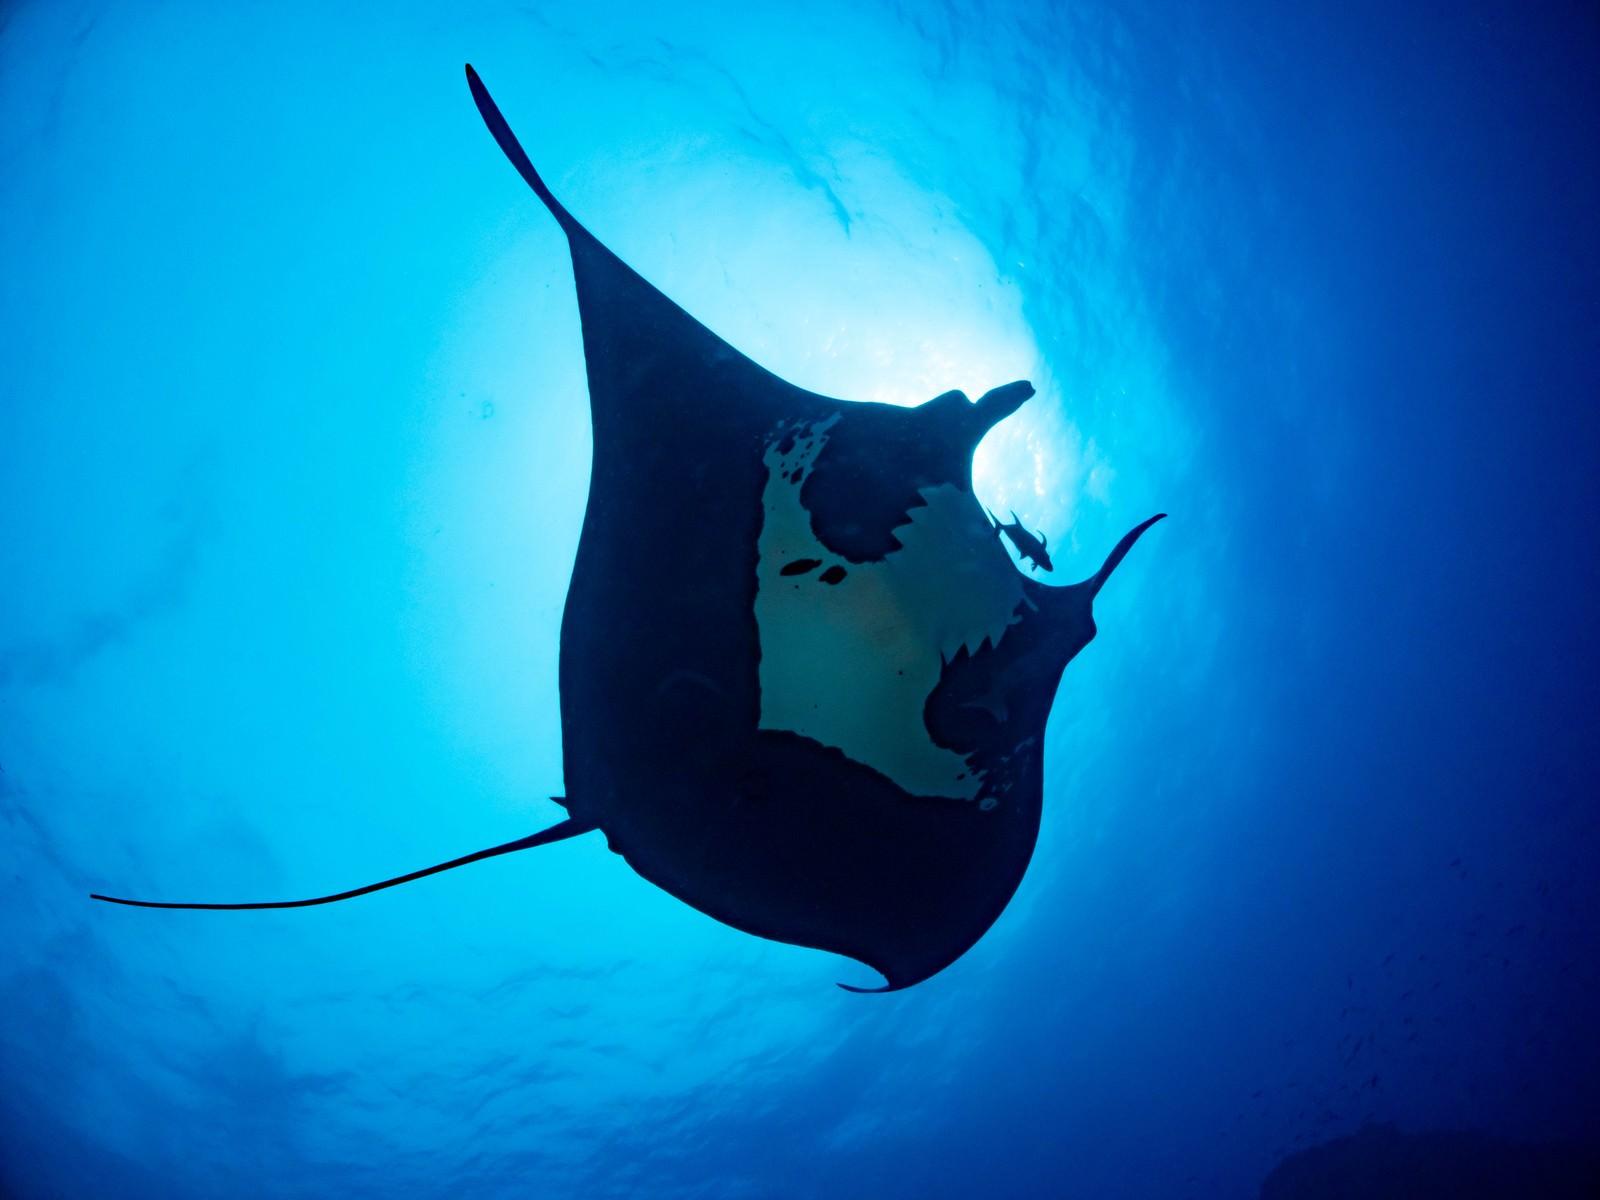 「エレガントに泳ぐブラックマンタ | 写真の無料素材・フリー素材 - ぱくたそ」の写真